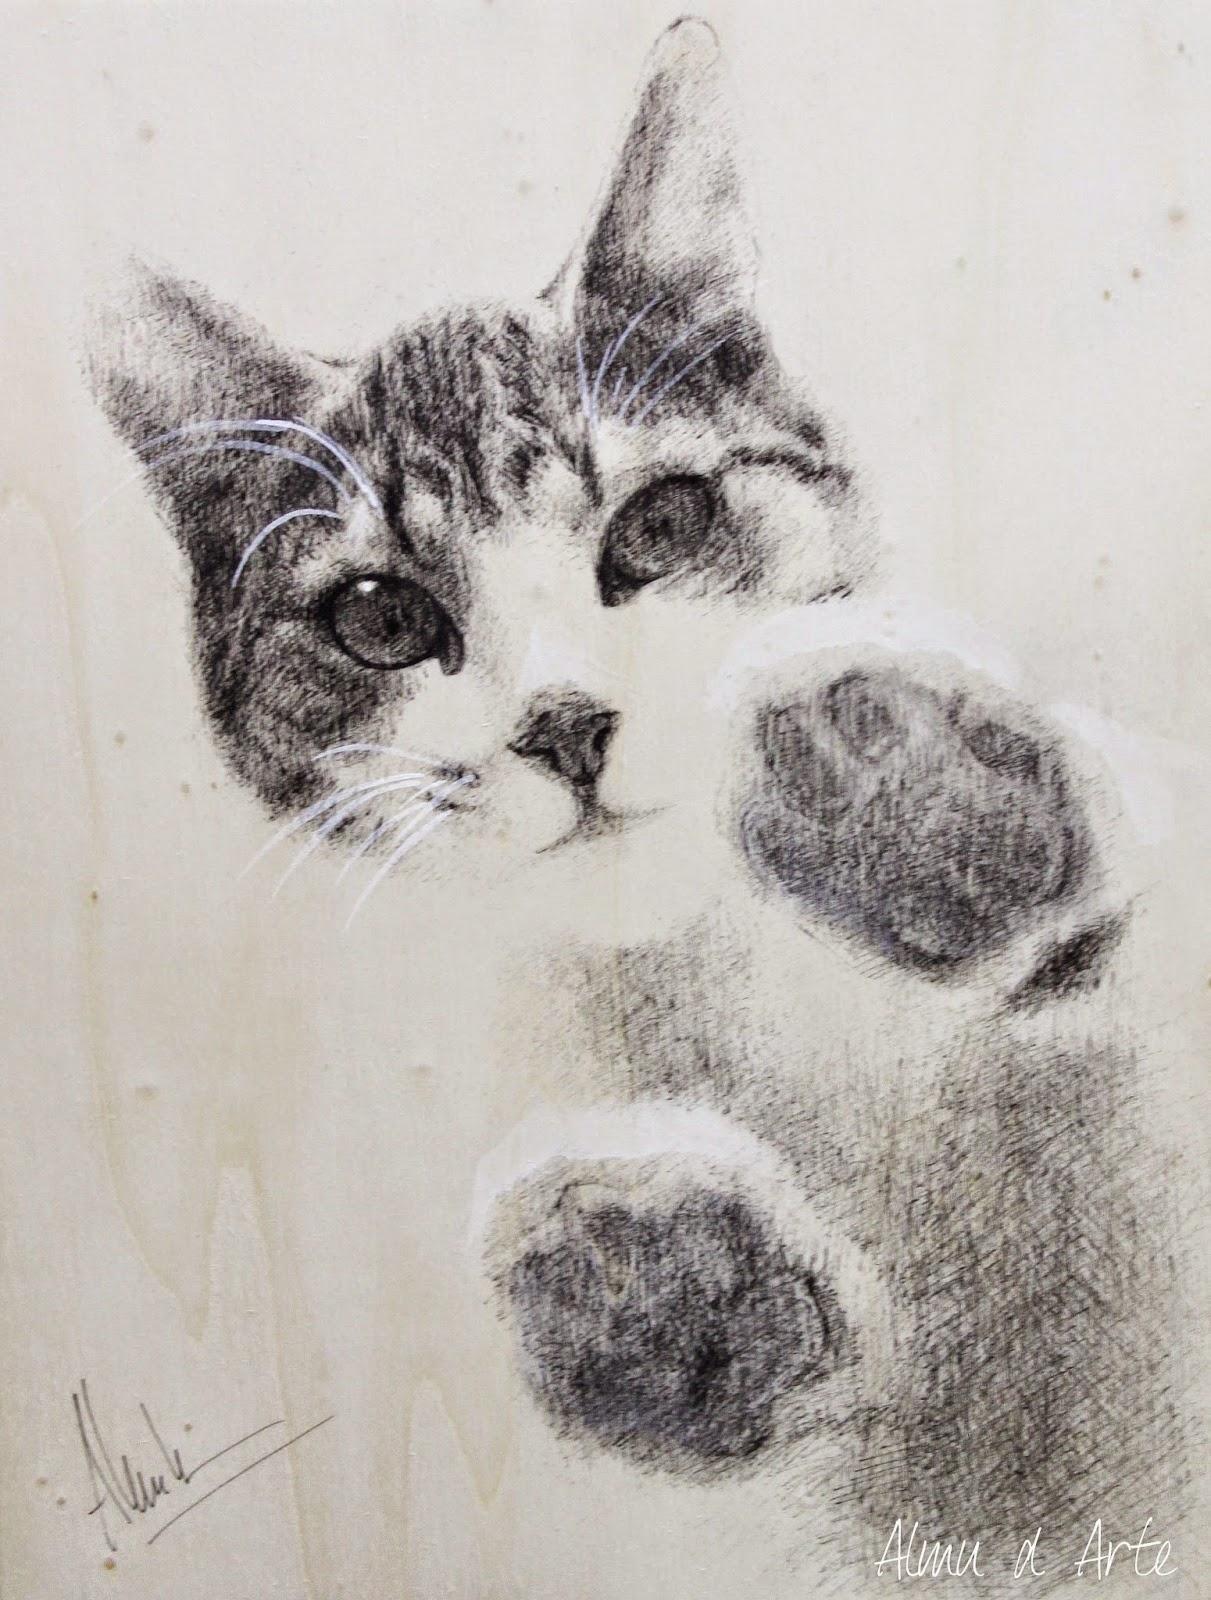 Dibujo de un gato con rotring negro